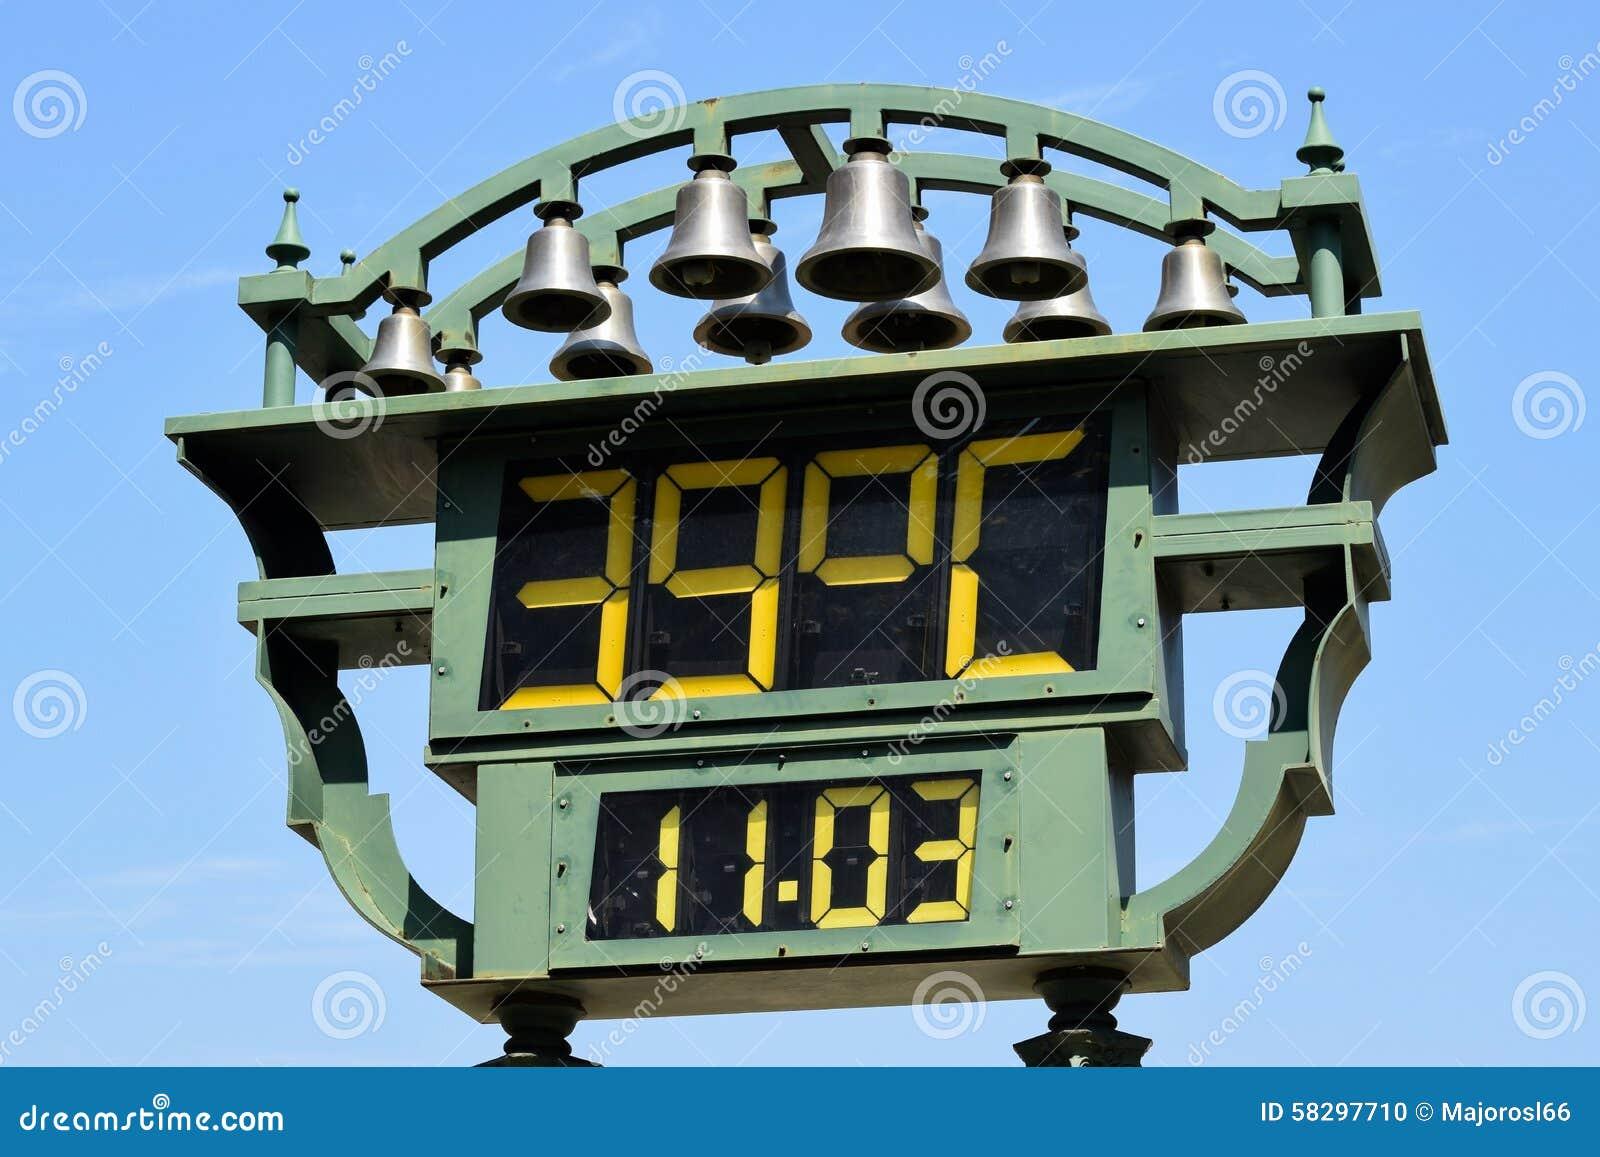 Utomhus- termometer arkivfoto. Bild av temperatur 832910c71c3c0